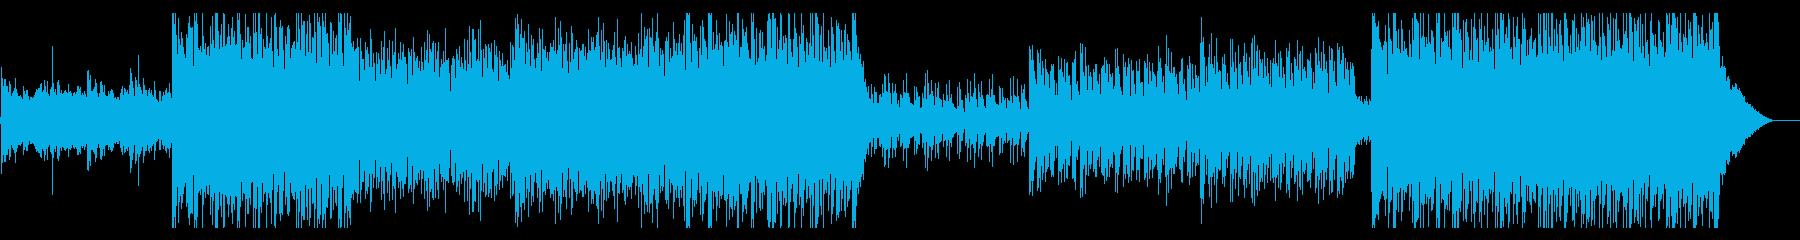 疾走感あるビート弦楽器とエレクトロの再生済みの波形